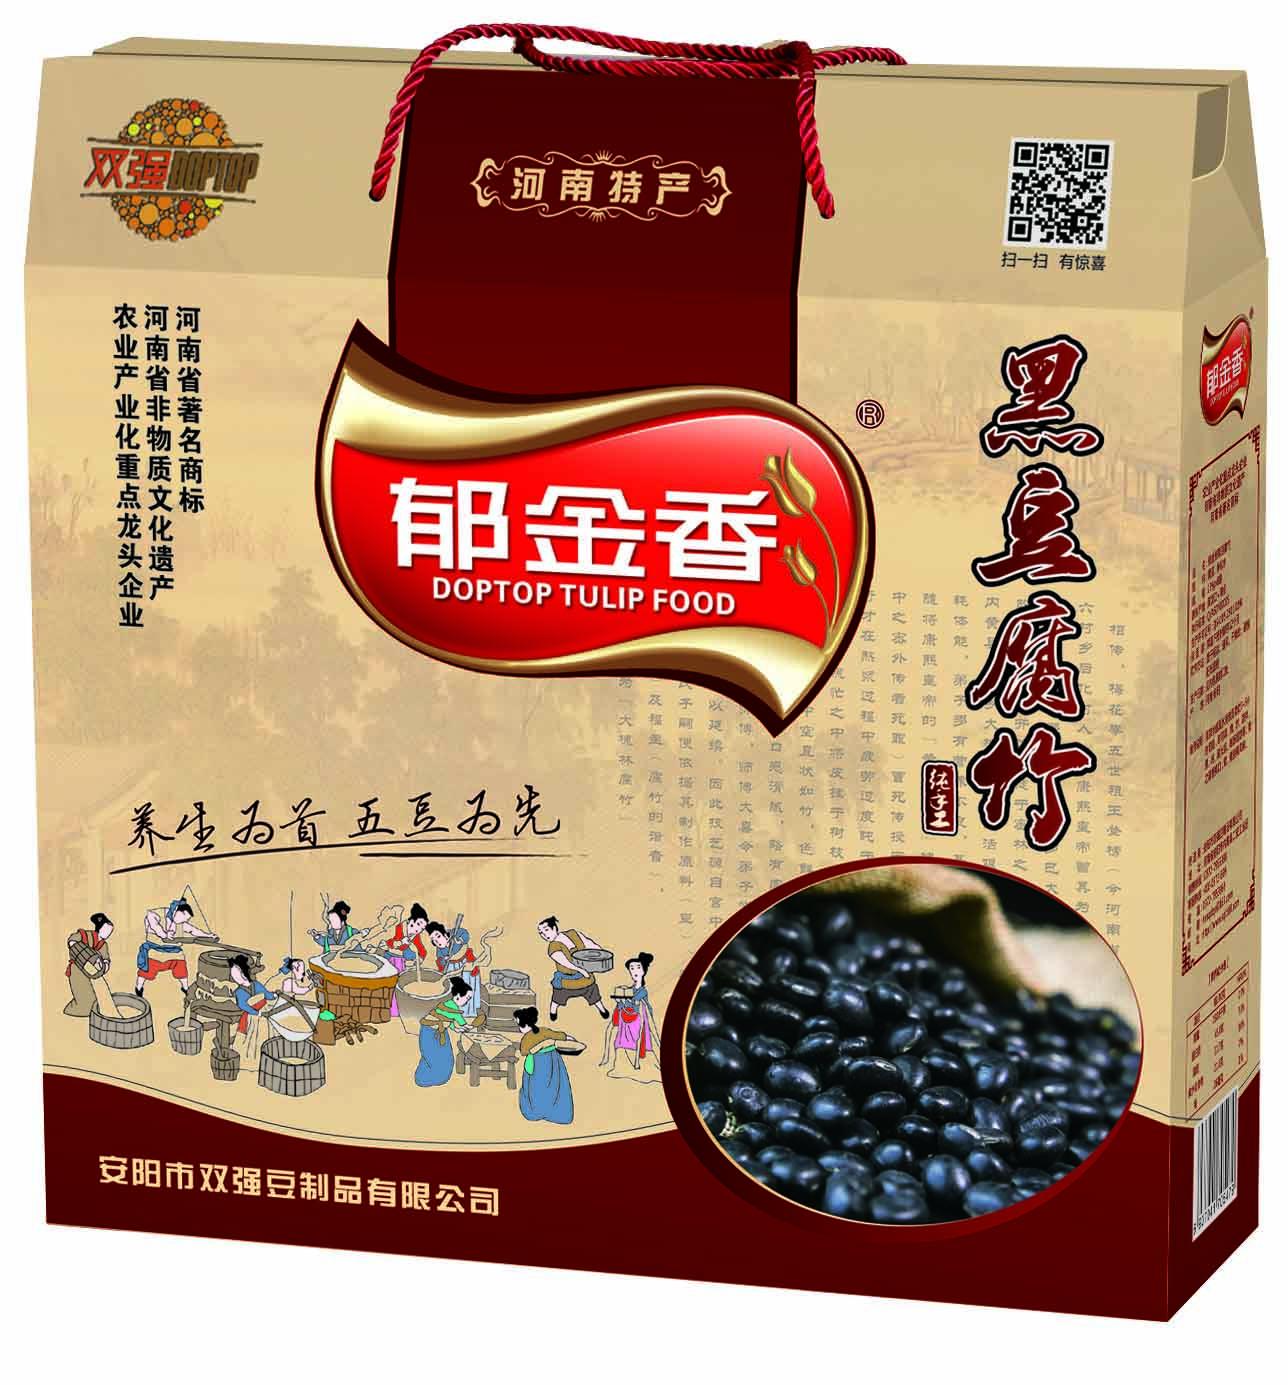 郁金香黑豆腐竹礼品箱159克*8袋  送礼佳品